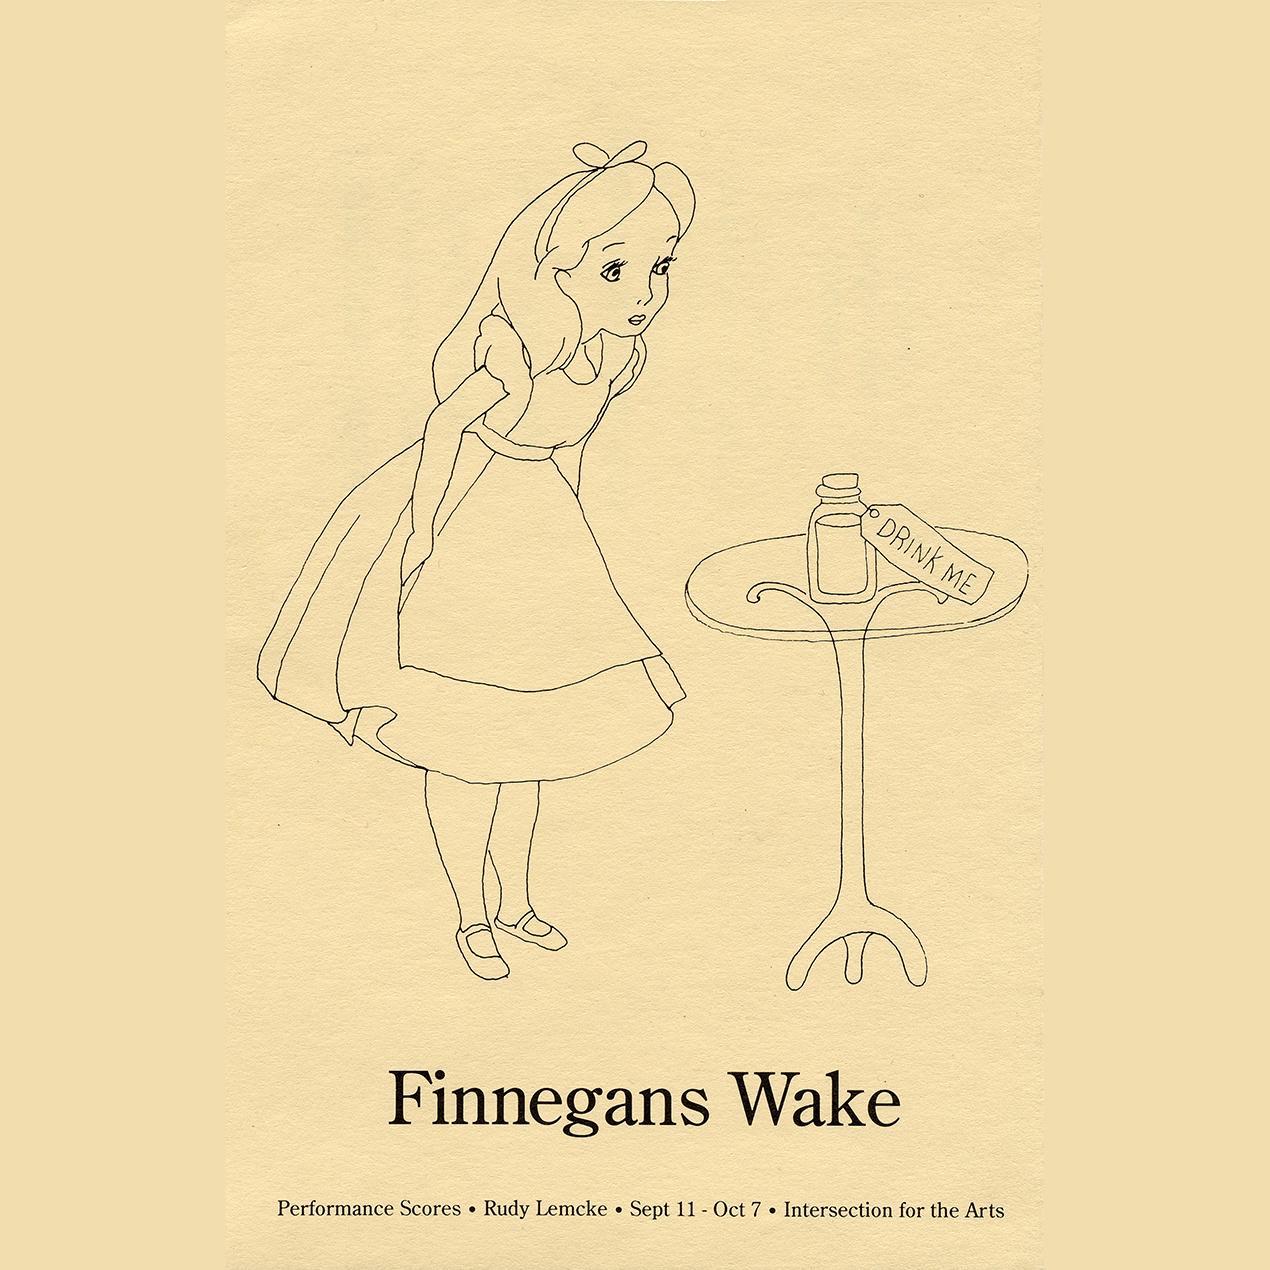 Fin Again(s) Wake